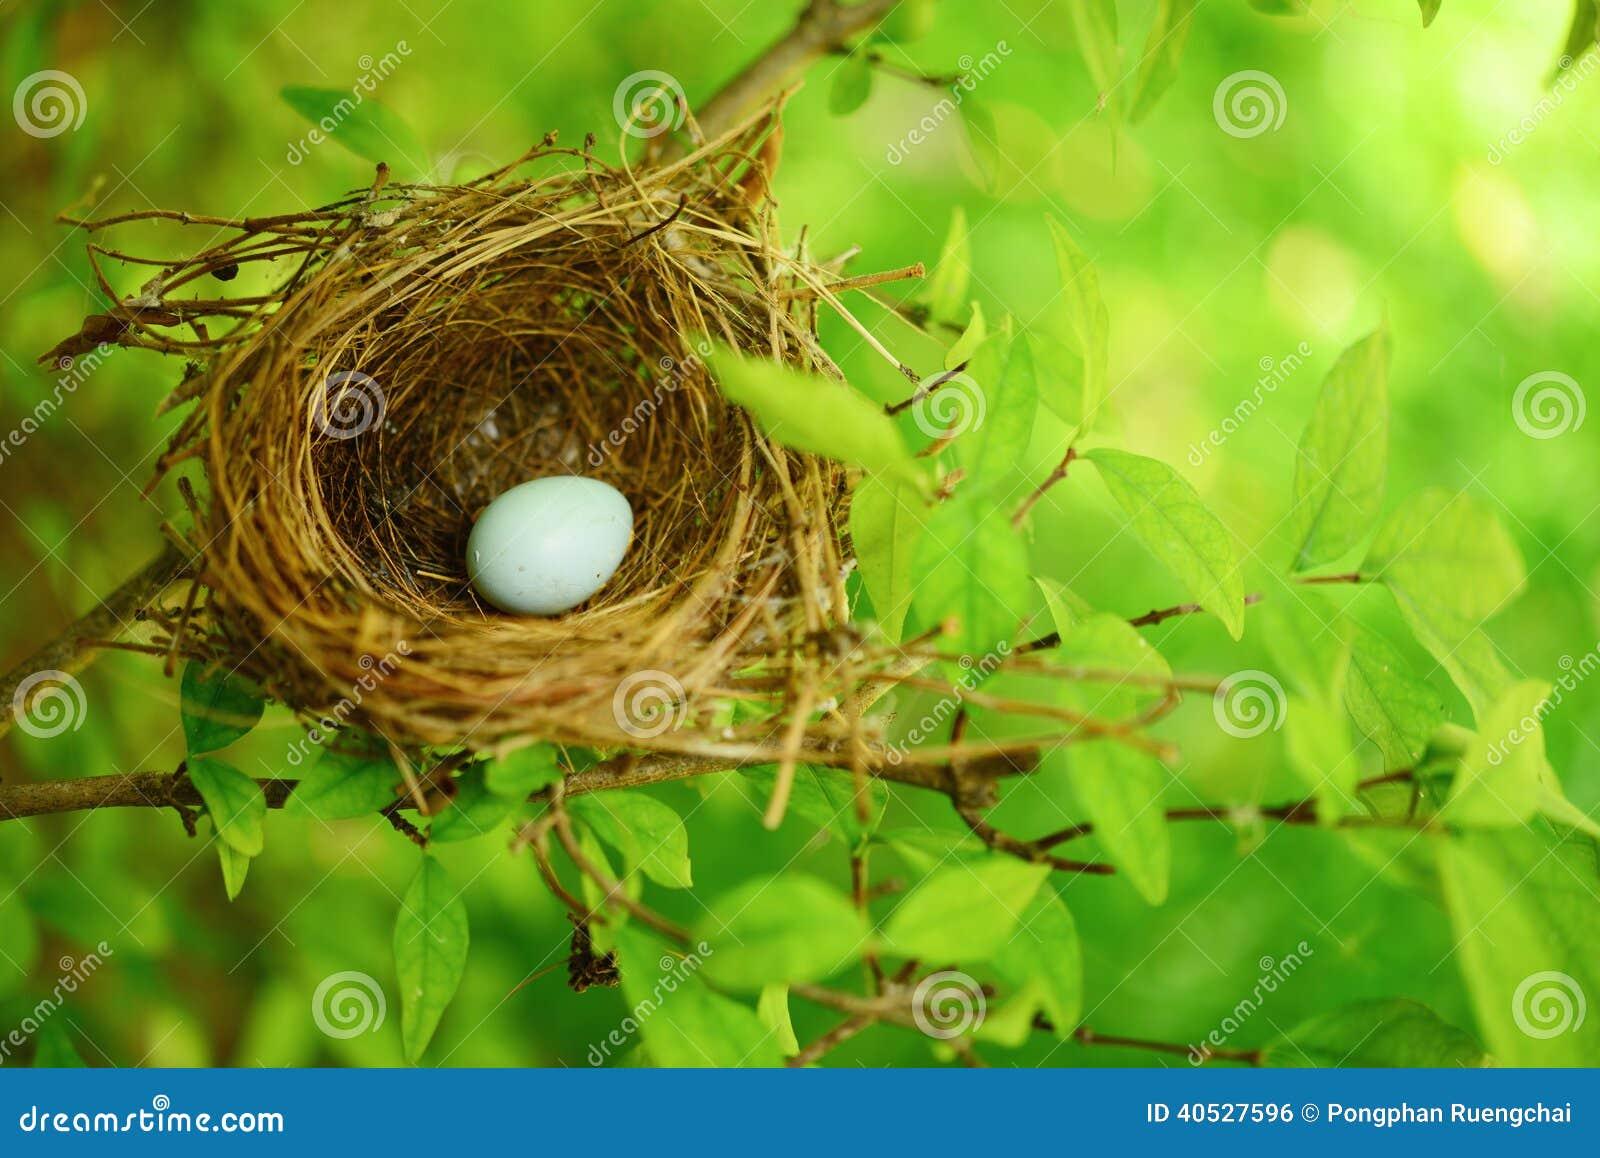 Jerarquía del pájaro en árbol